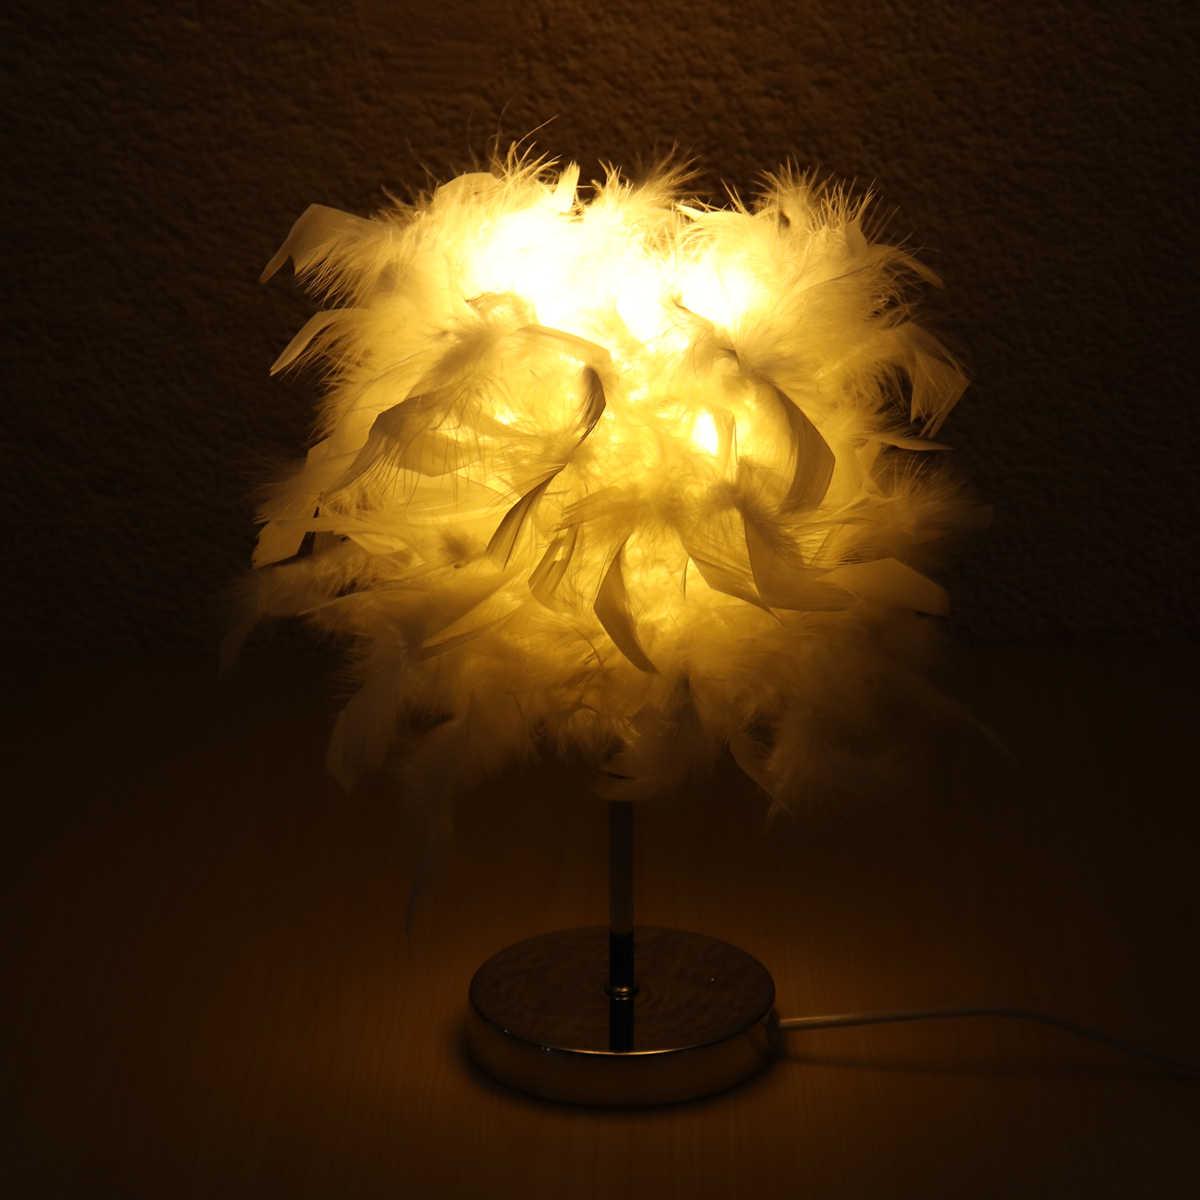 220V Christmas Decor Night Light Soft Vintage Feather Shade Metal Table Lamp Bedside Desk Vintage Bedroom Study Room White